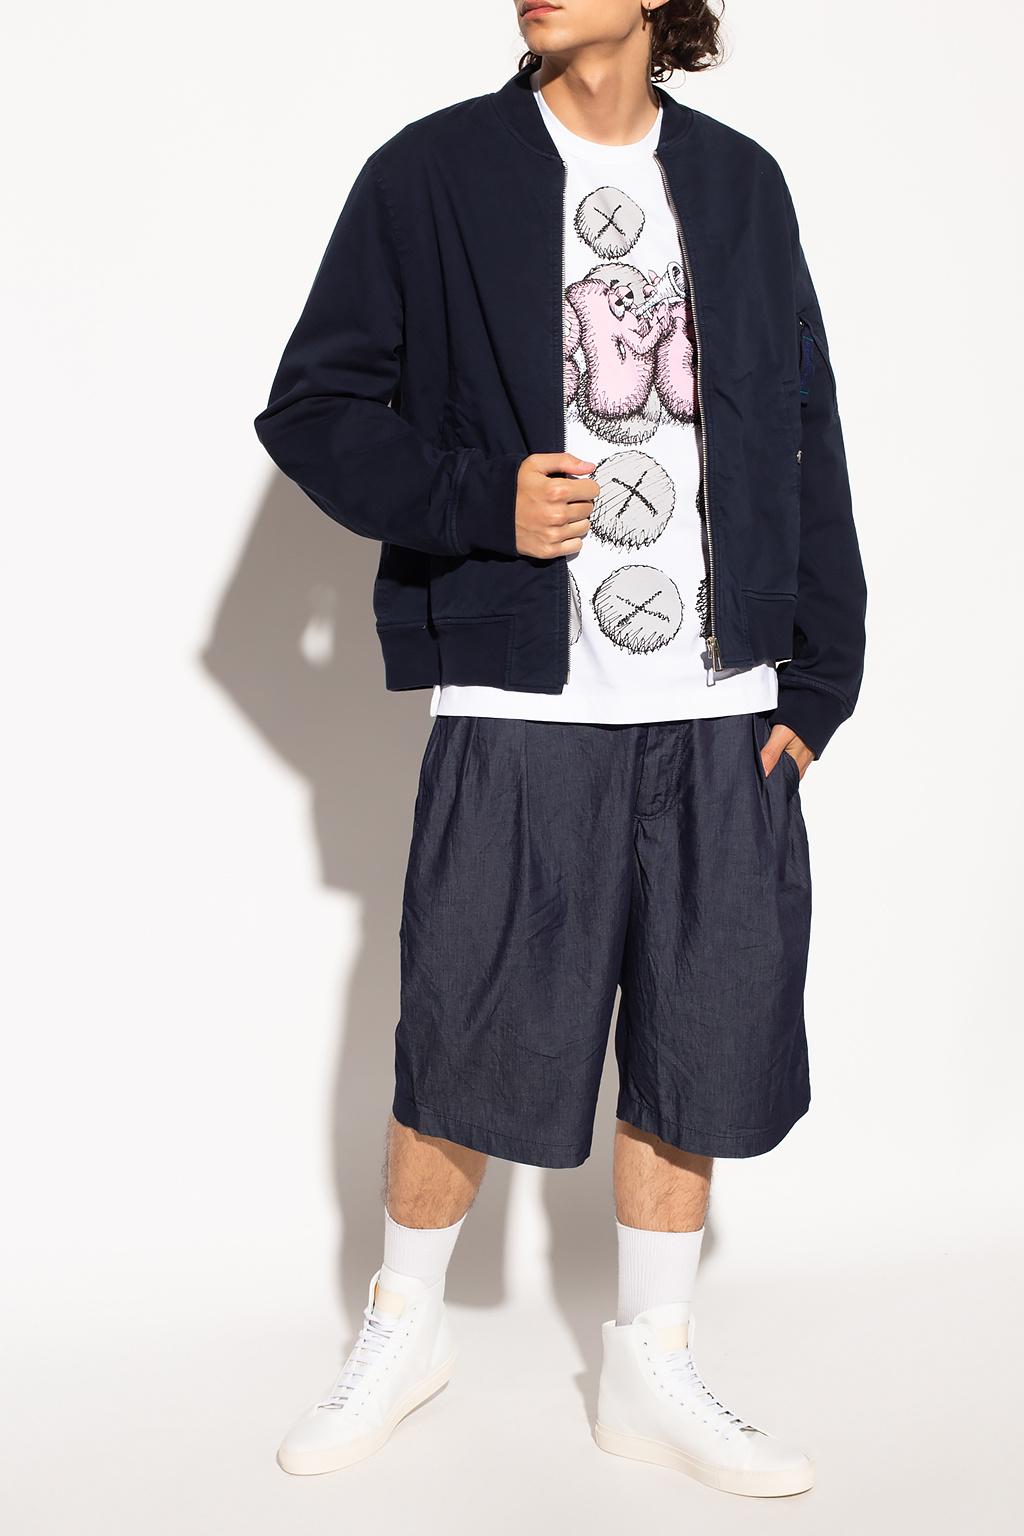 Comme des Garcons Shirt Denim shorts